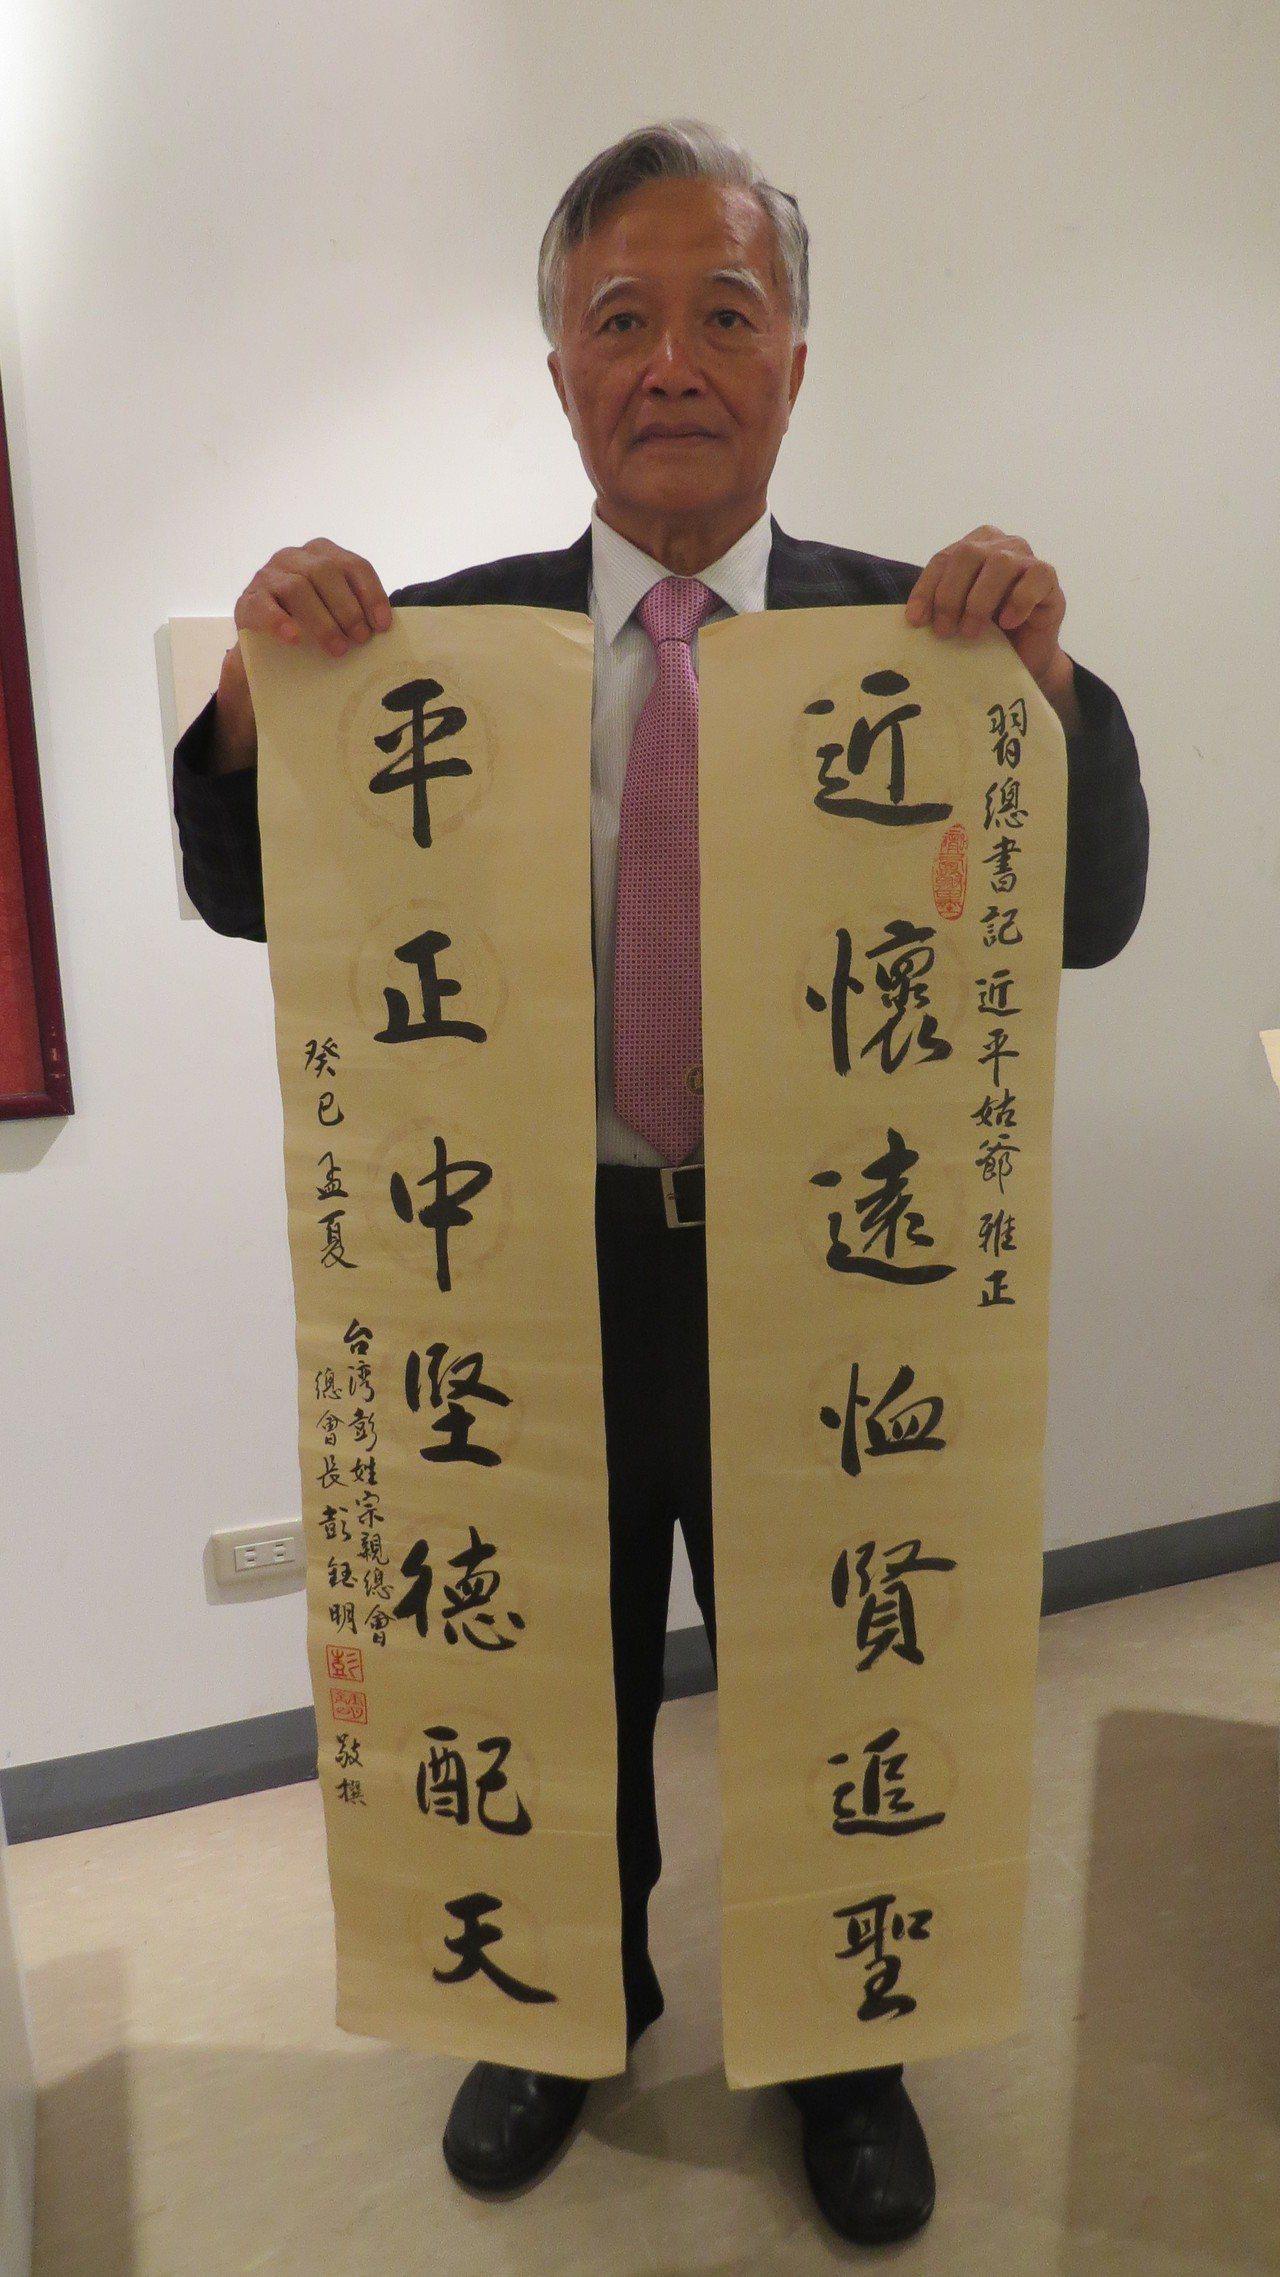 台灣彭姓宗親總會榮譽總會長彭鈺明6年前曾帶著自己作的詞,及書法家馮恭的墨寶,要贈...